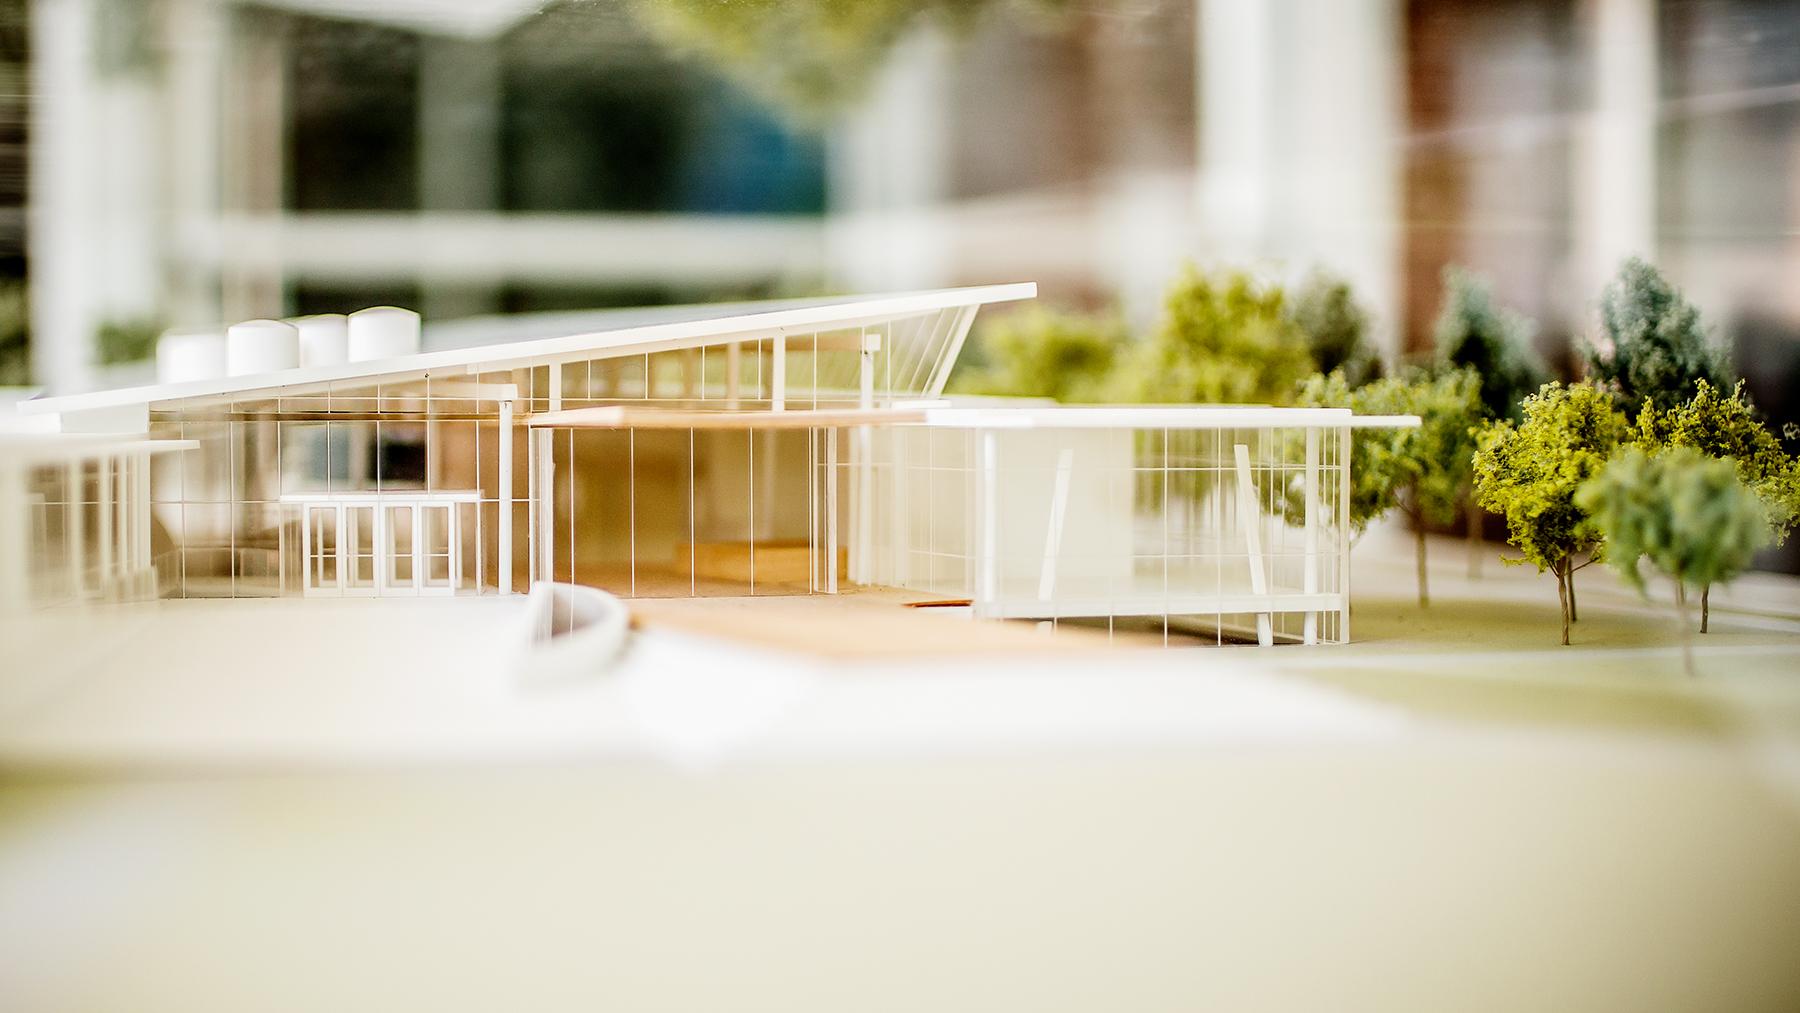 architect's model of the Siebel Center for Design